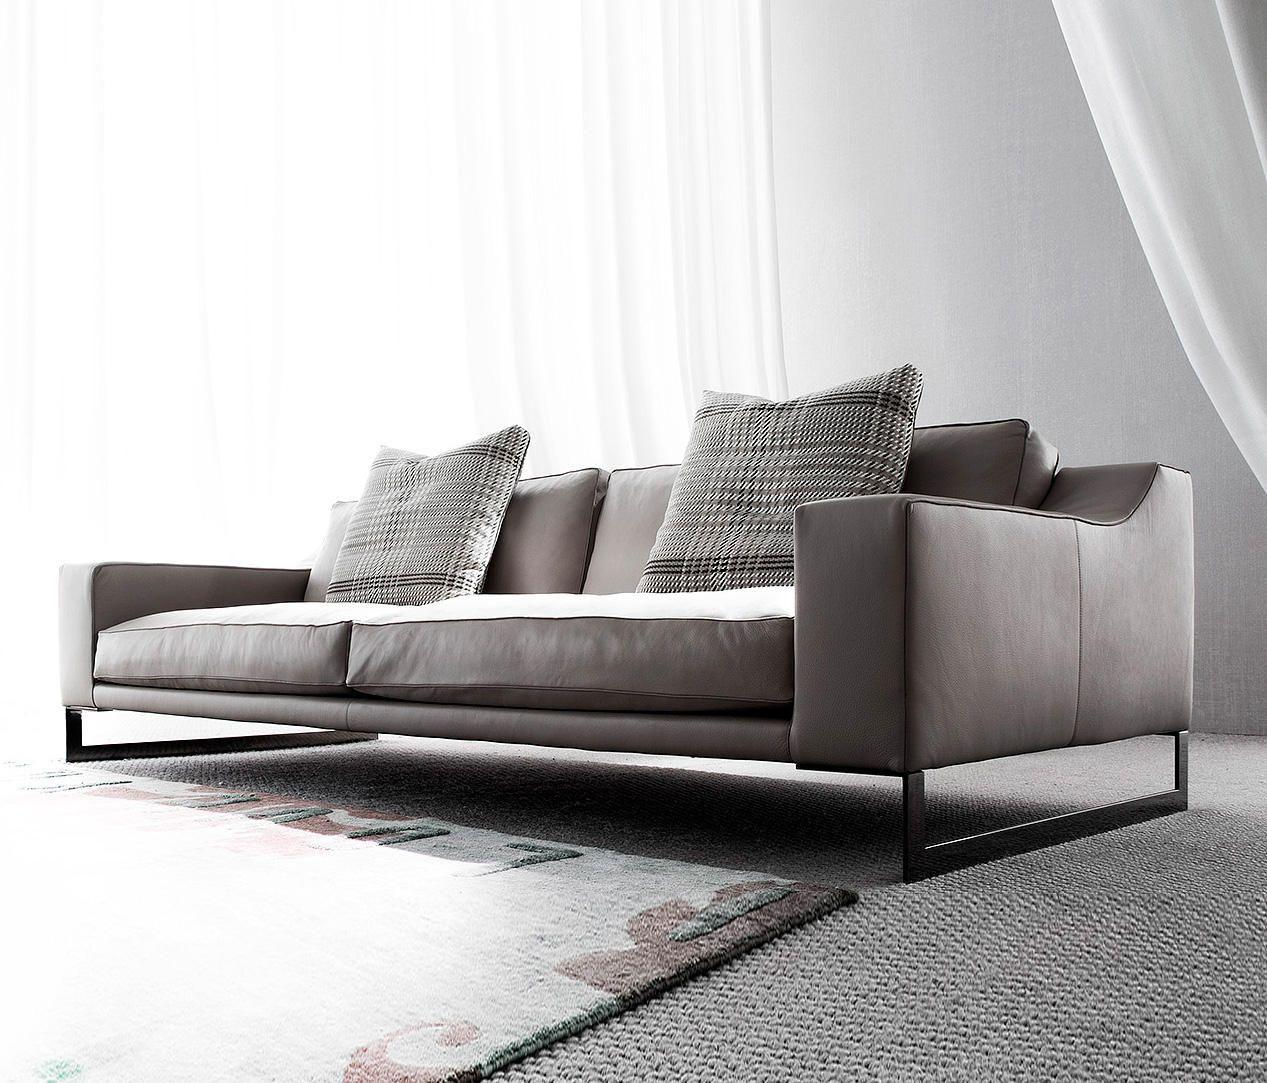 Indizio leather de Erba Italia | Canapés d\'attente | chilling chairs ...